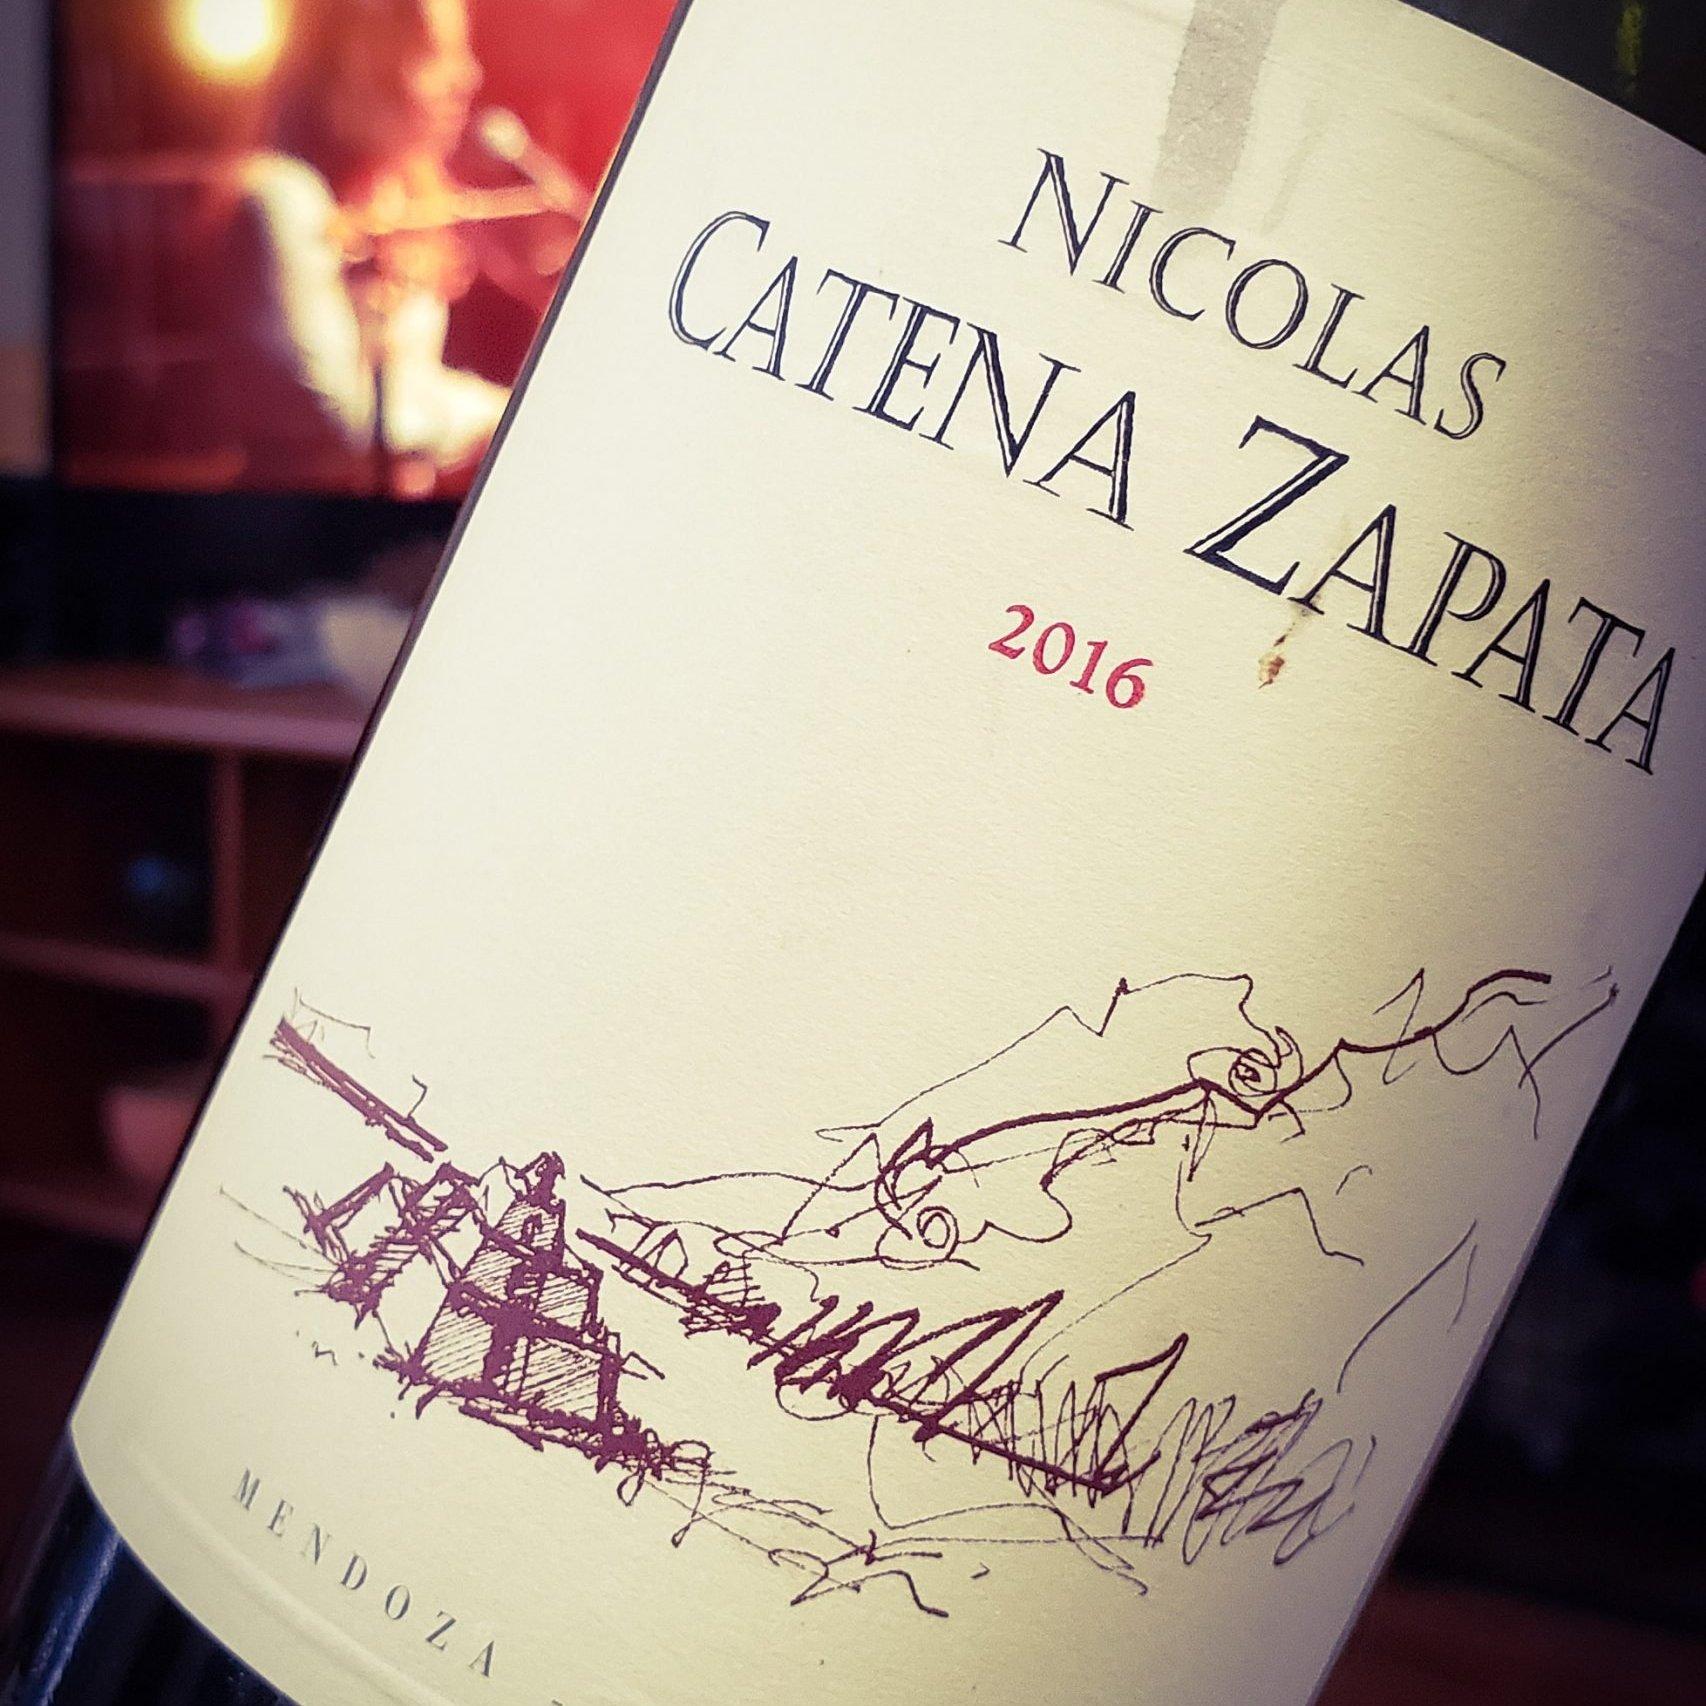 100 días - Nicolas Catena Zapata 2016